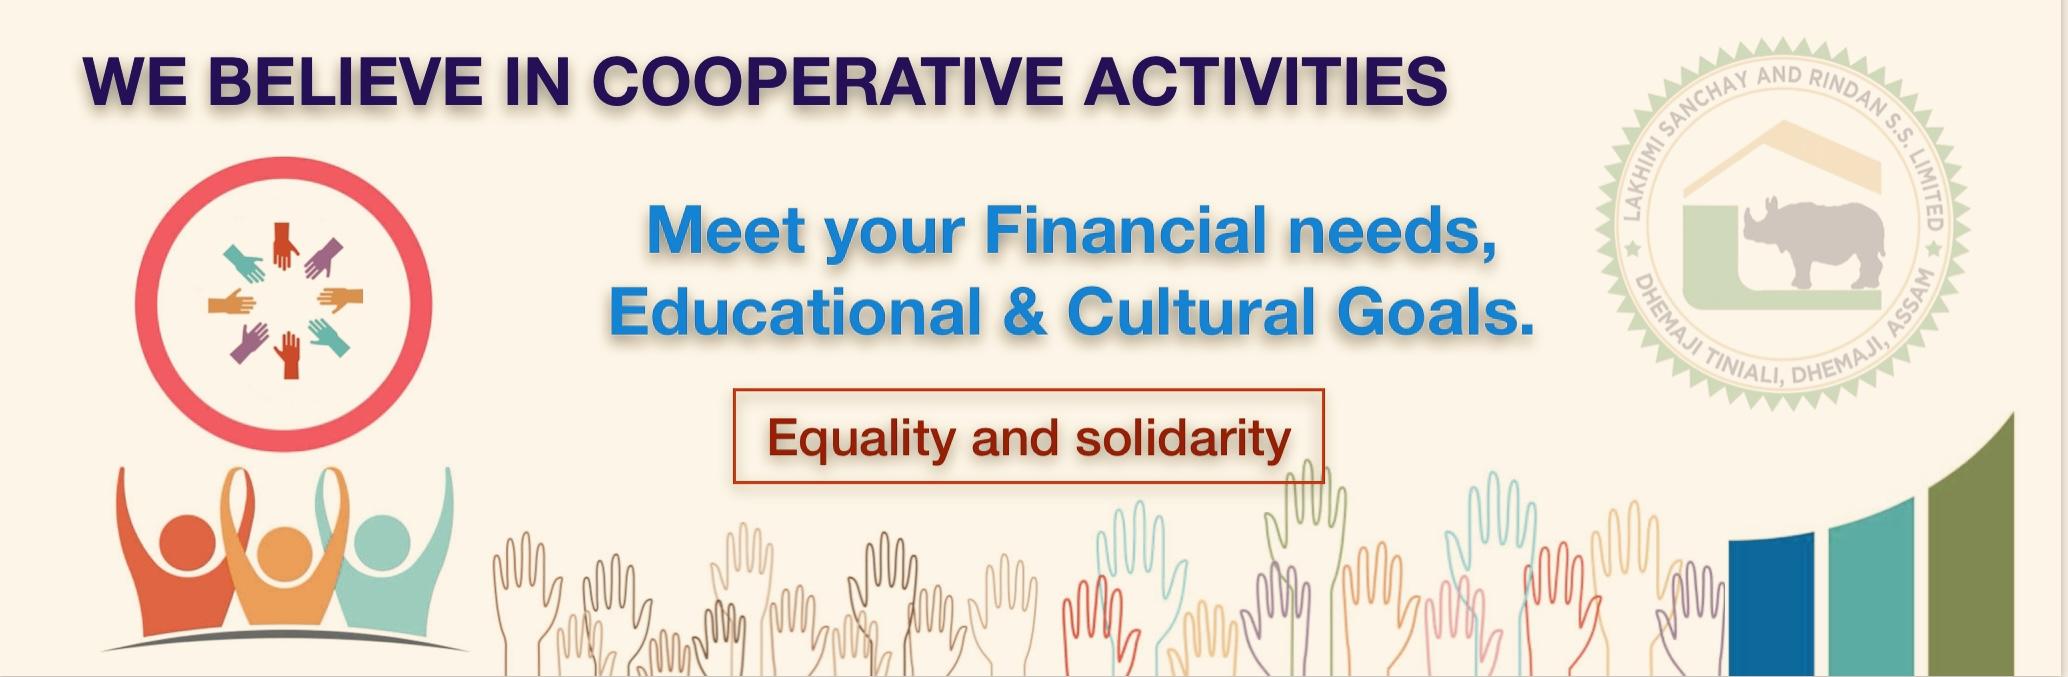 Cooperative Activities